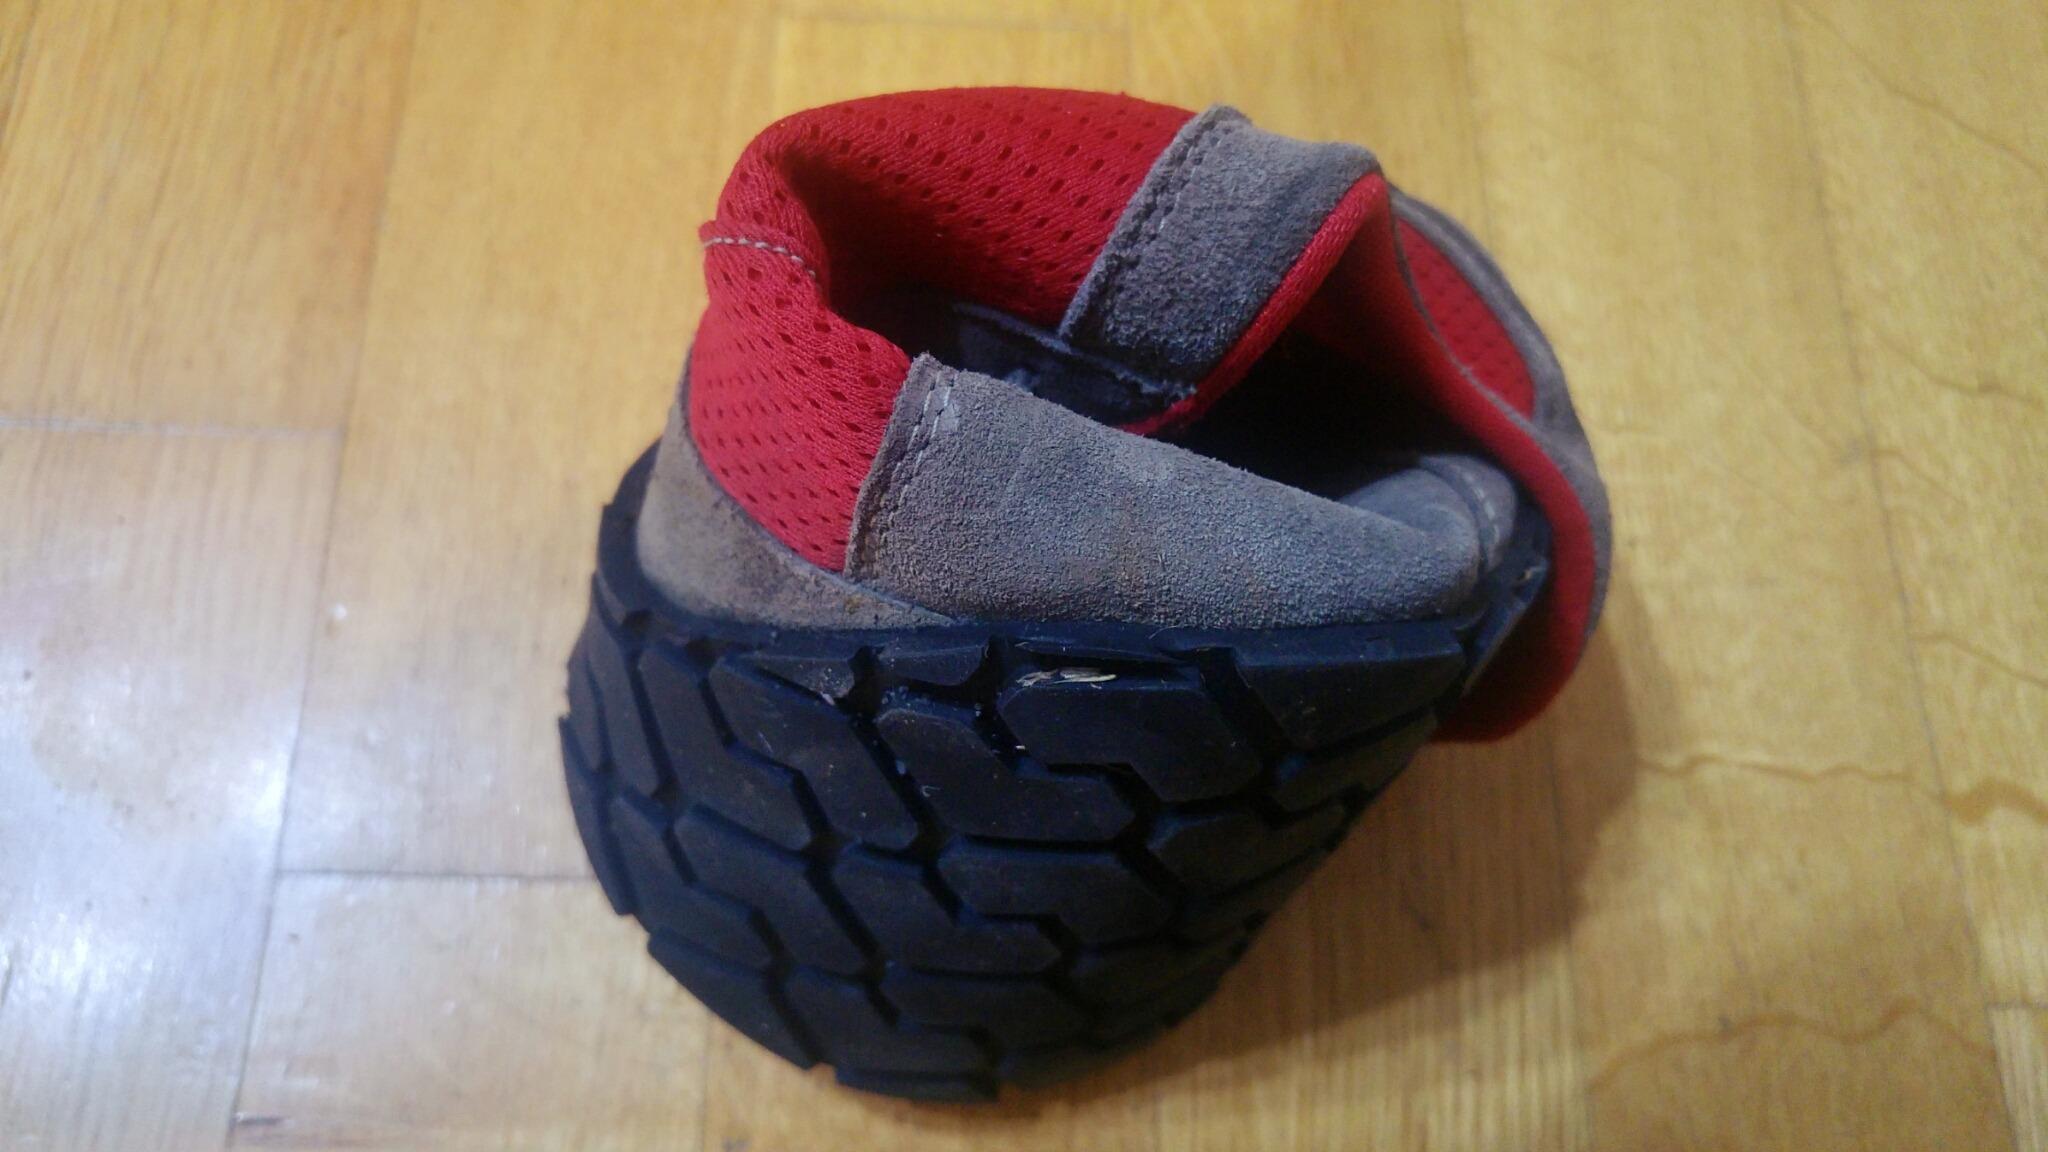 Buty minimalistyczne - test naleśnika - Magical Shoes